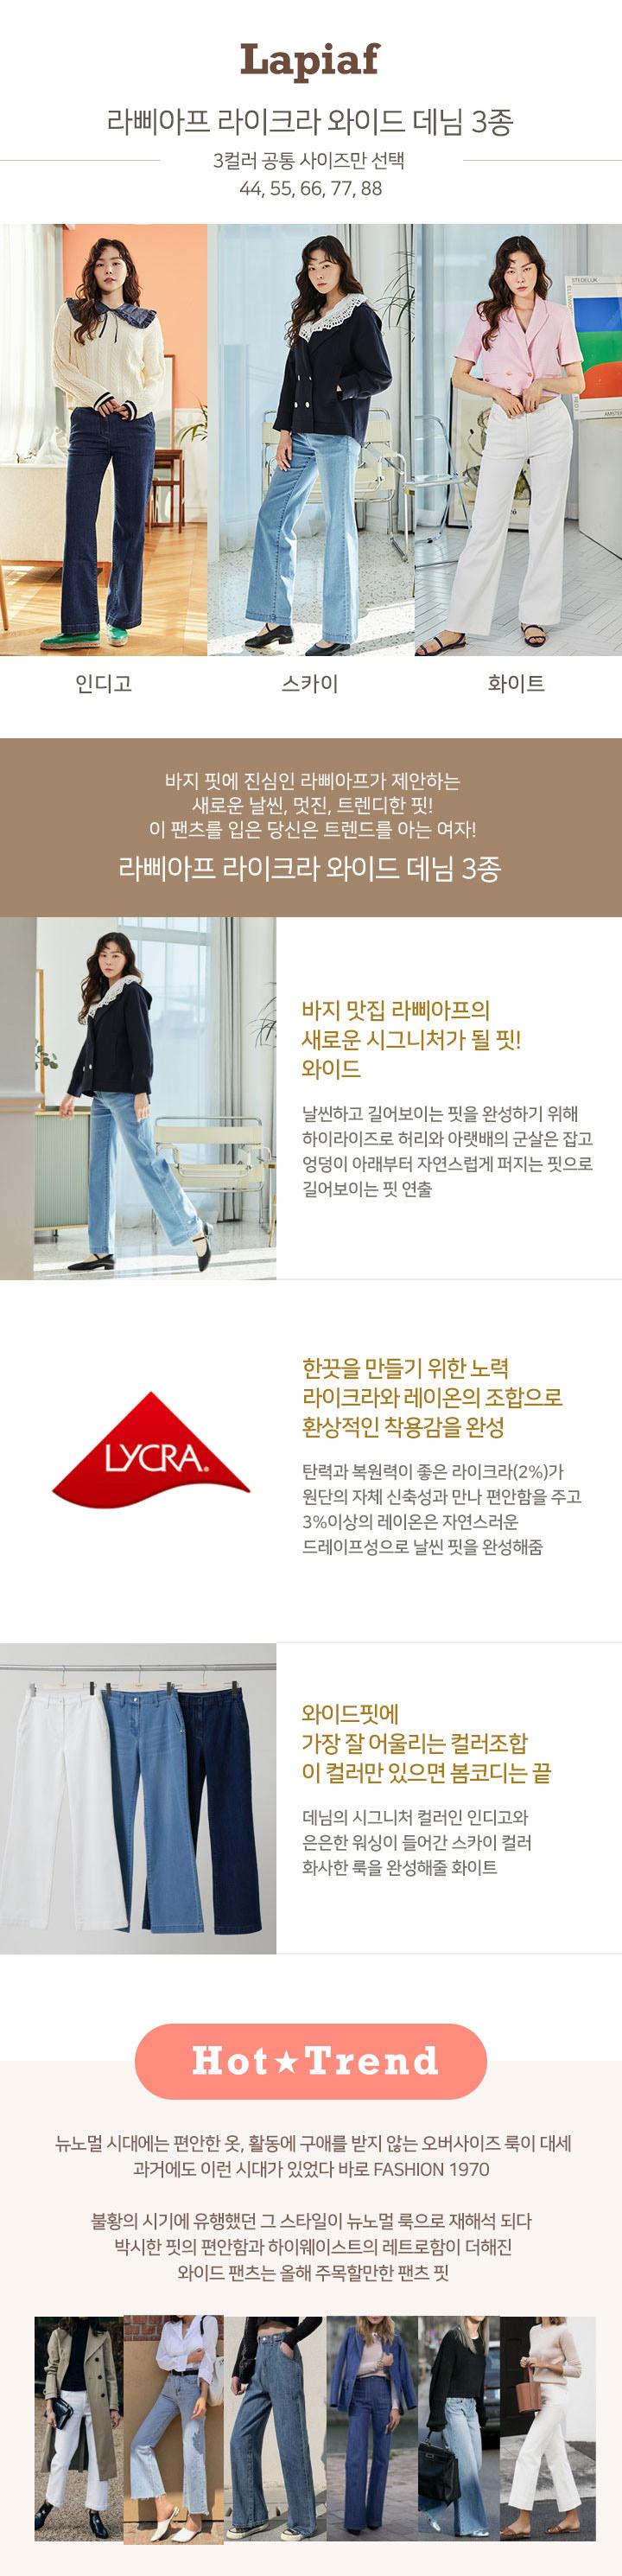 최종웹기2_컬러수정.jpg